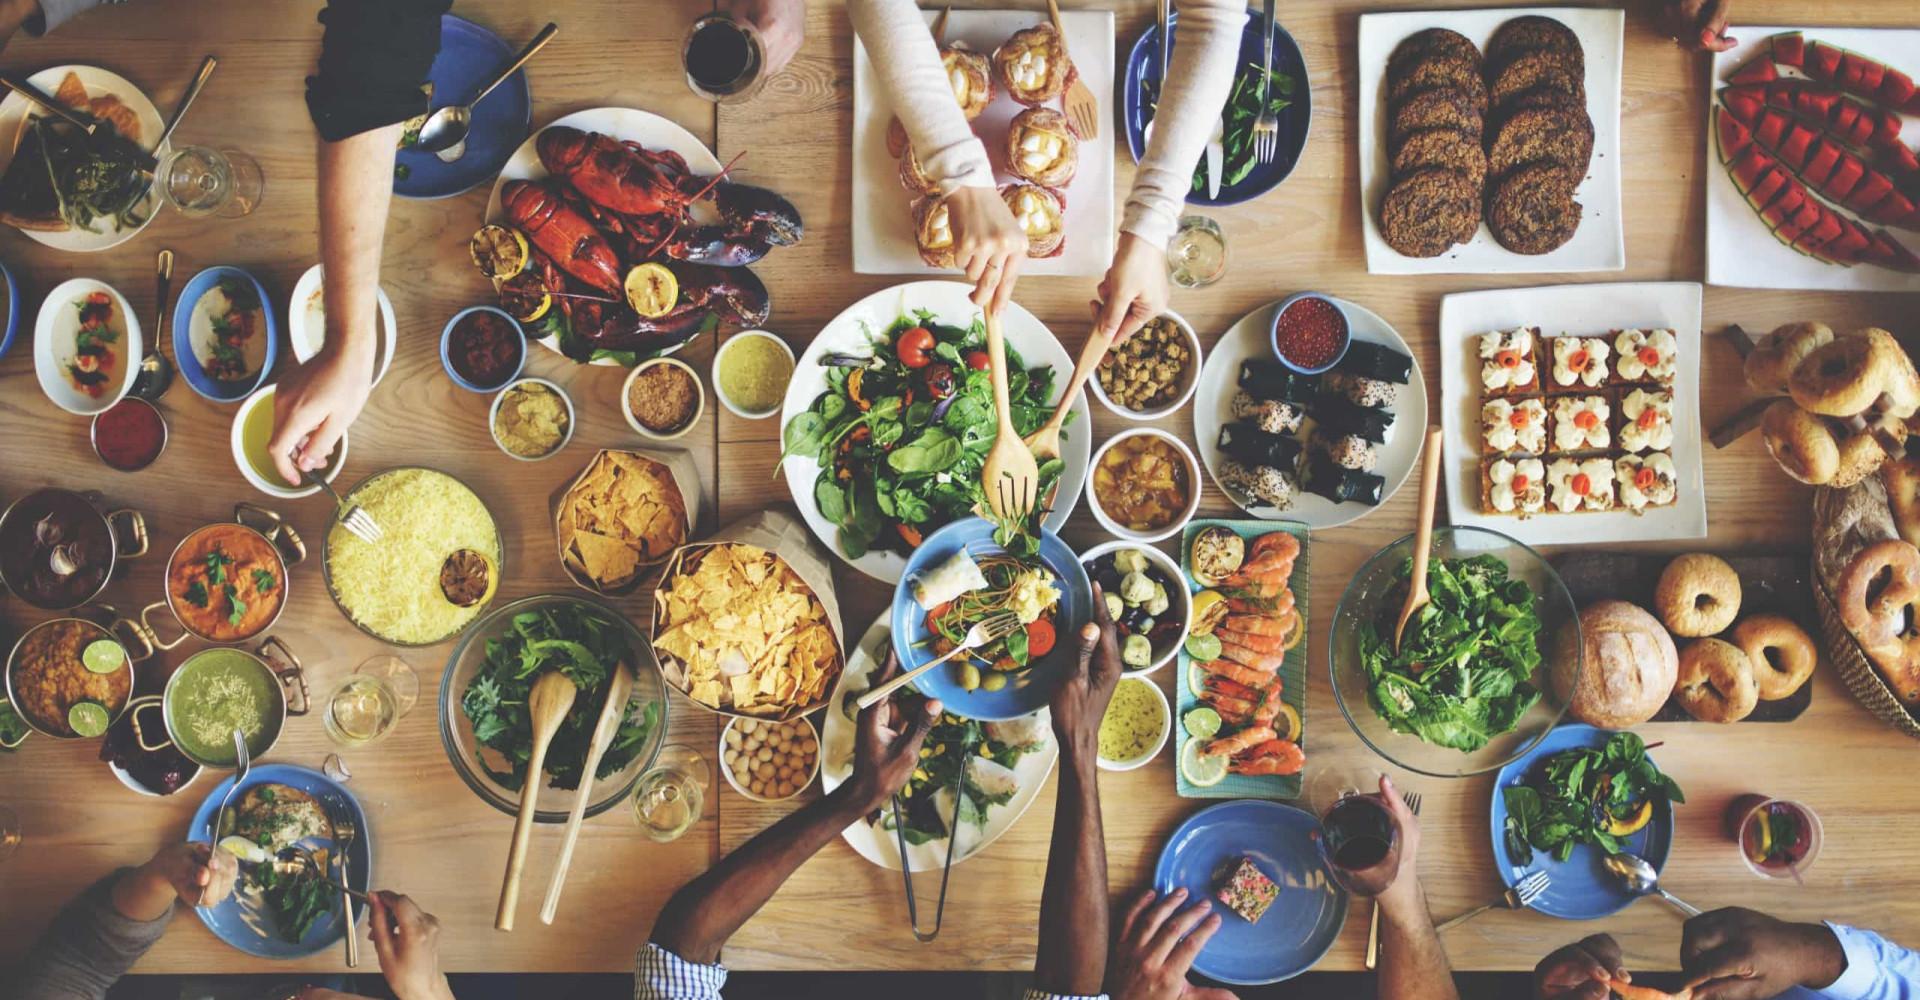 Le tradizioni gastronomiche storpiate in giro per il mondo